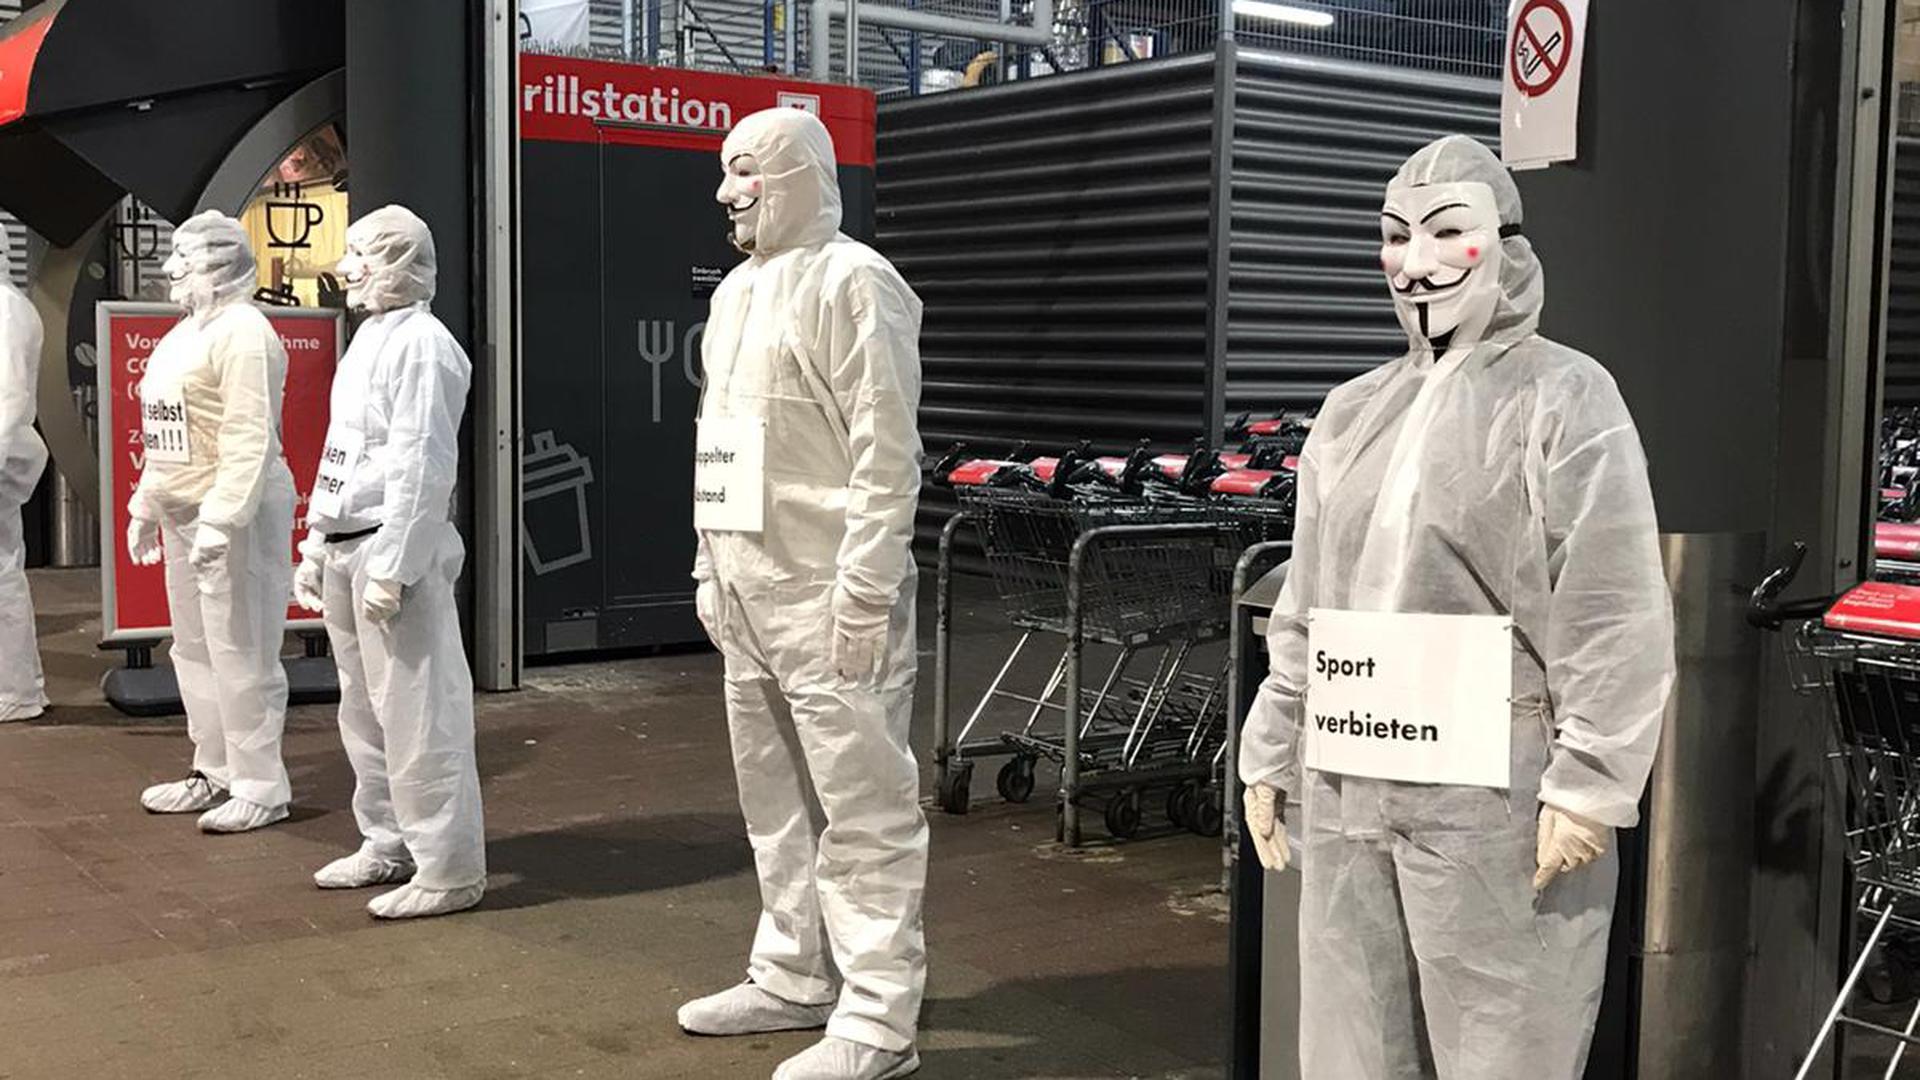 Bei einer Protestaktion in Pforzheim auf der Wilferdinger Höhe stehen einige Menschen ganz in weiß gekleidet mit Masken vor der Kaufland-Filiale.